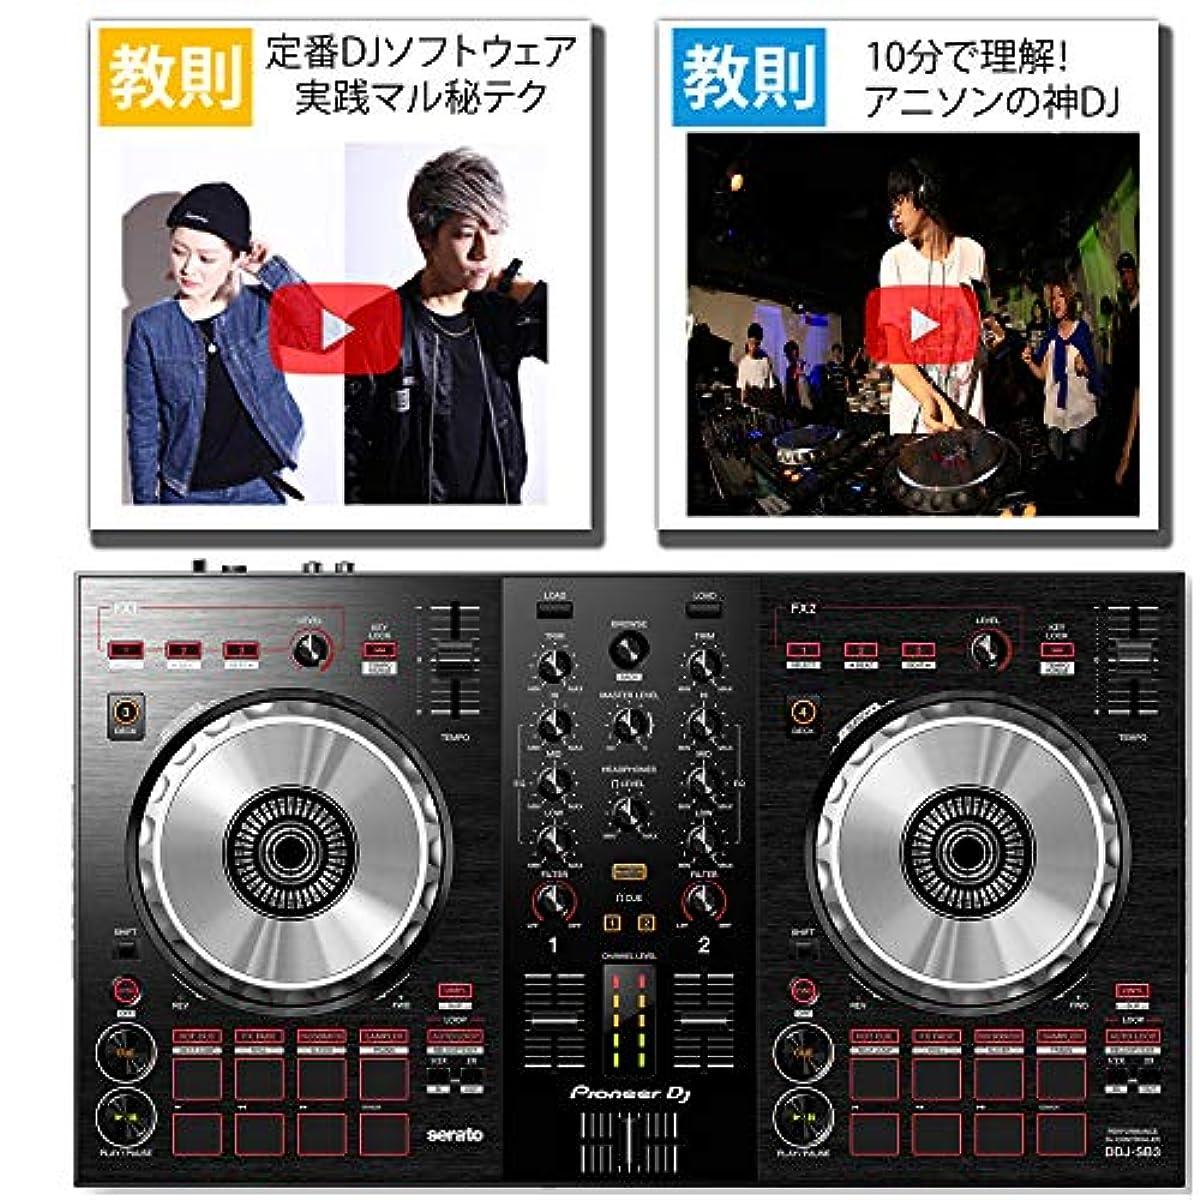 [해외] 【2 대특전】PIONEER DJ 파이오니아/DDJ-SB3 10분에 이해PCDJ교칙 무비+SERATO DJ 교칙 무비